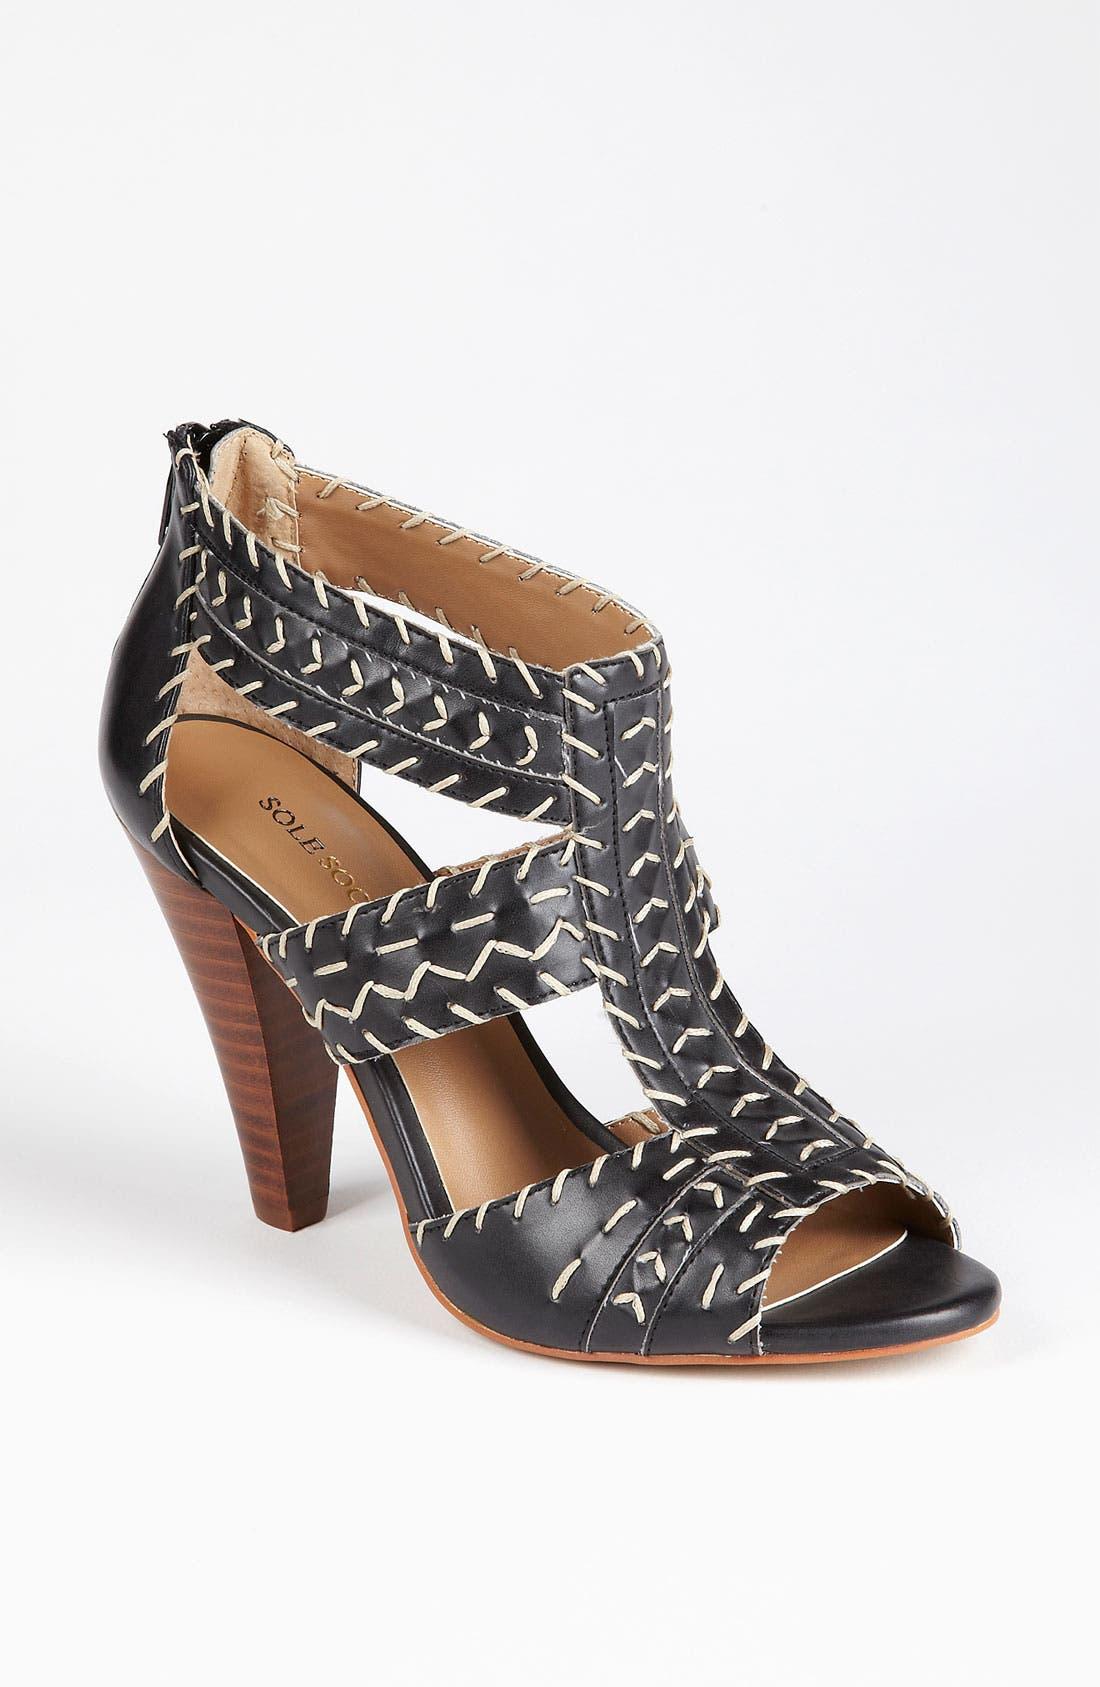 Alternate Image 1 Selected - Sole Society 'Arizona' Sandal